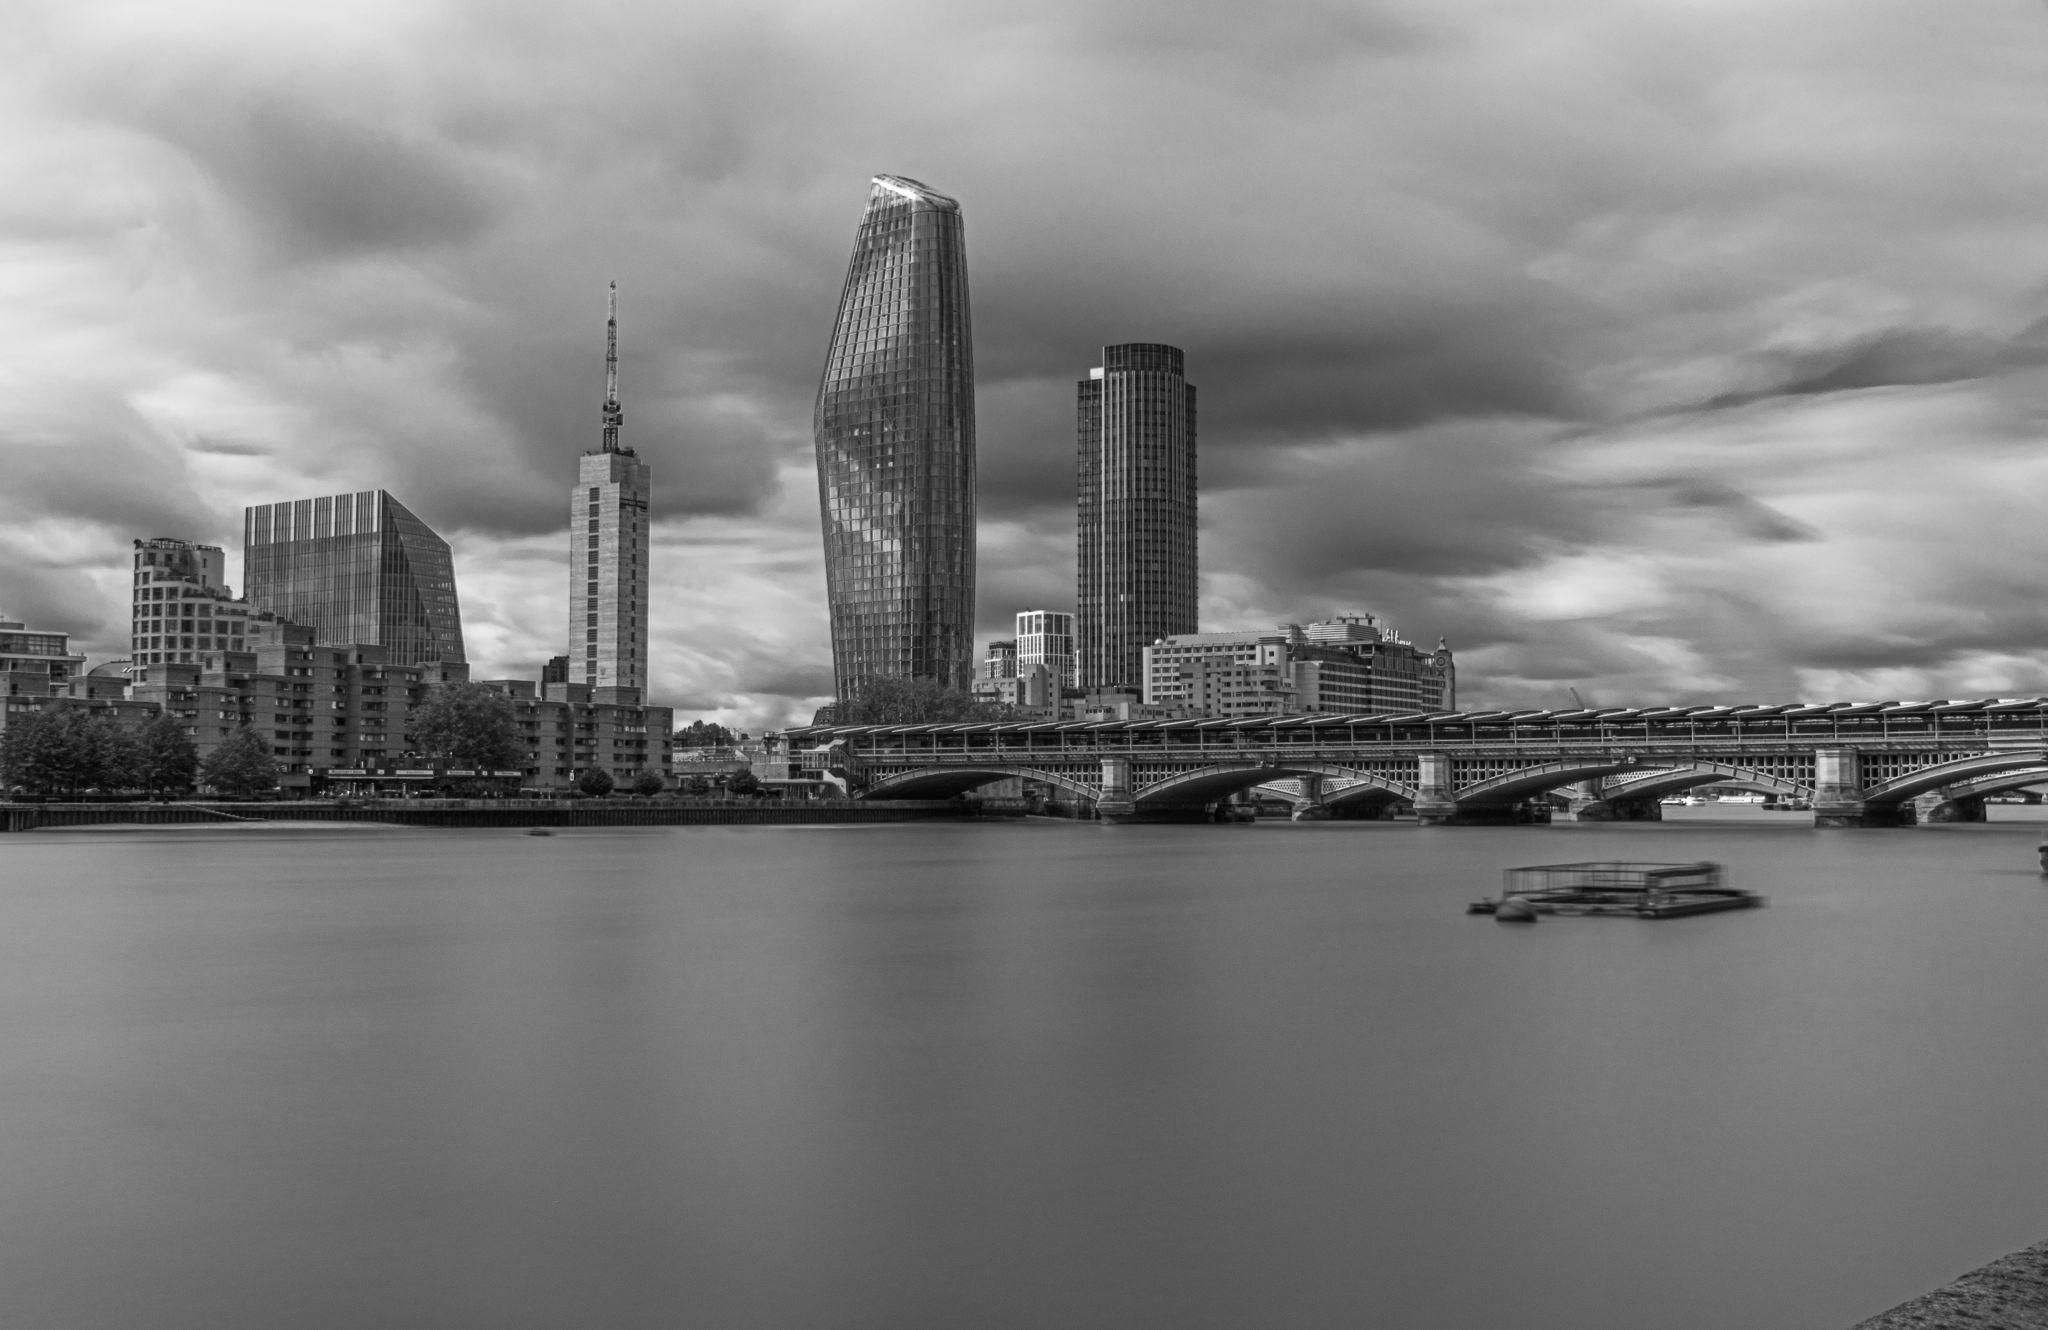 Under Millennium Bridge, United Kingdom